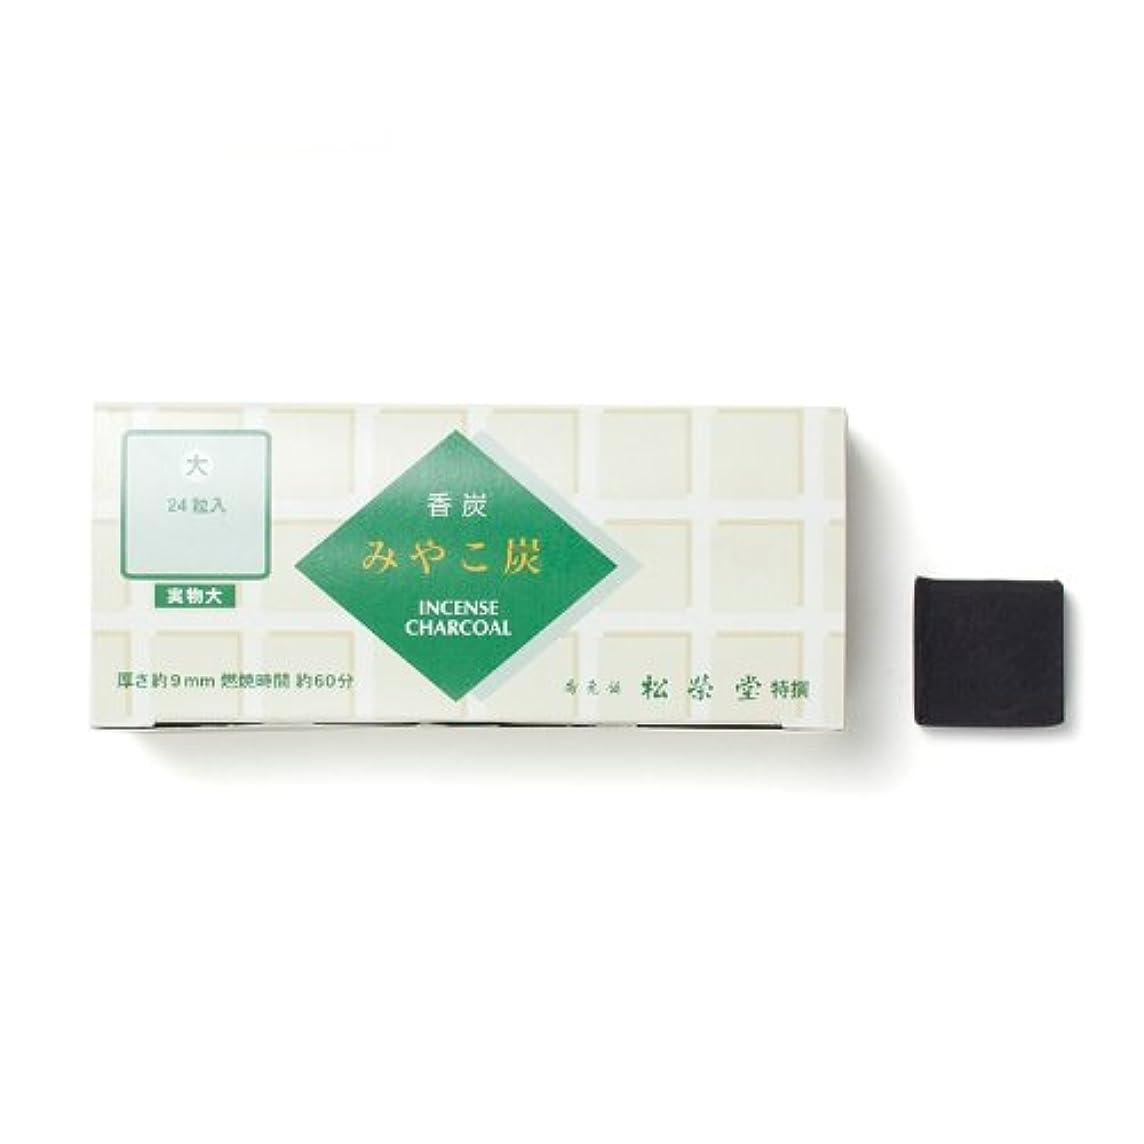 説得一貫した試験松栄堂の香炭 みやこ炭 B大24粒 緑箱 #750112